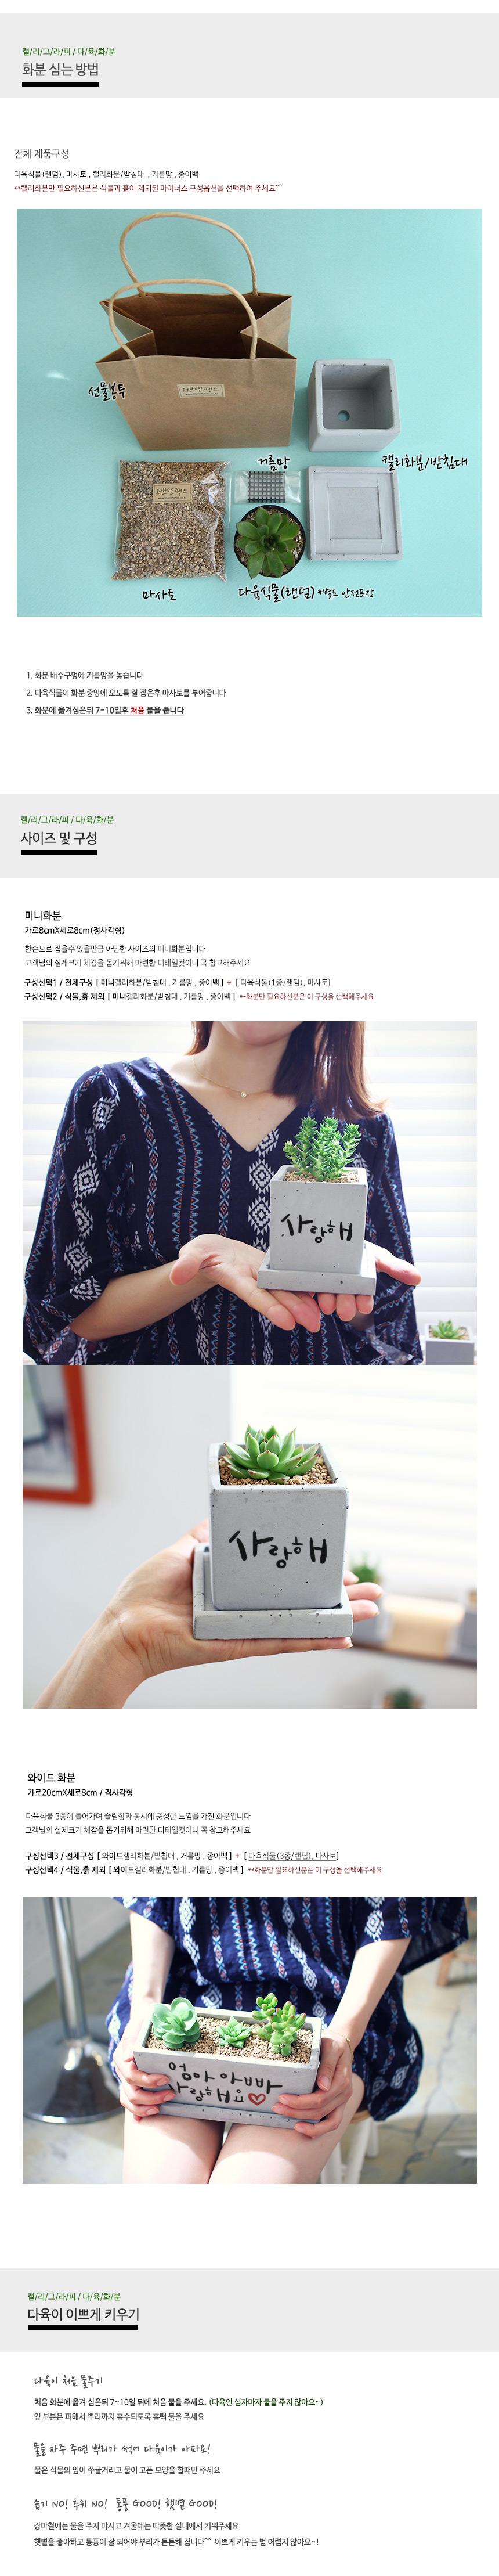 상견례선물 캘리그라피 미니화분 - 러브앤땡스, 18,000원, 허브/다육/선인장, 다육/선인장